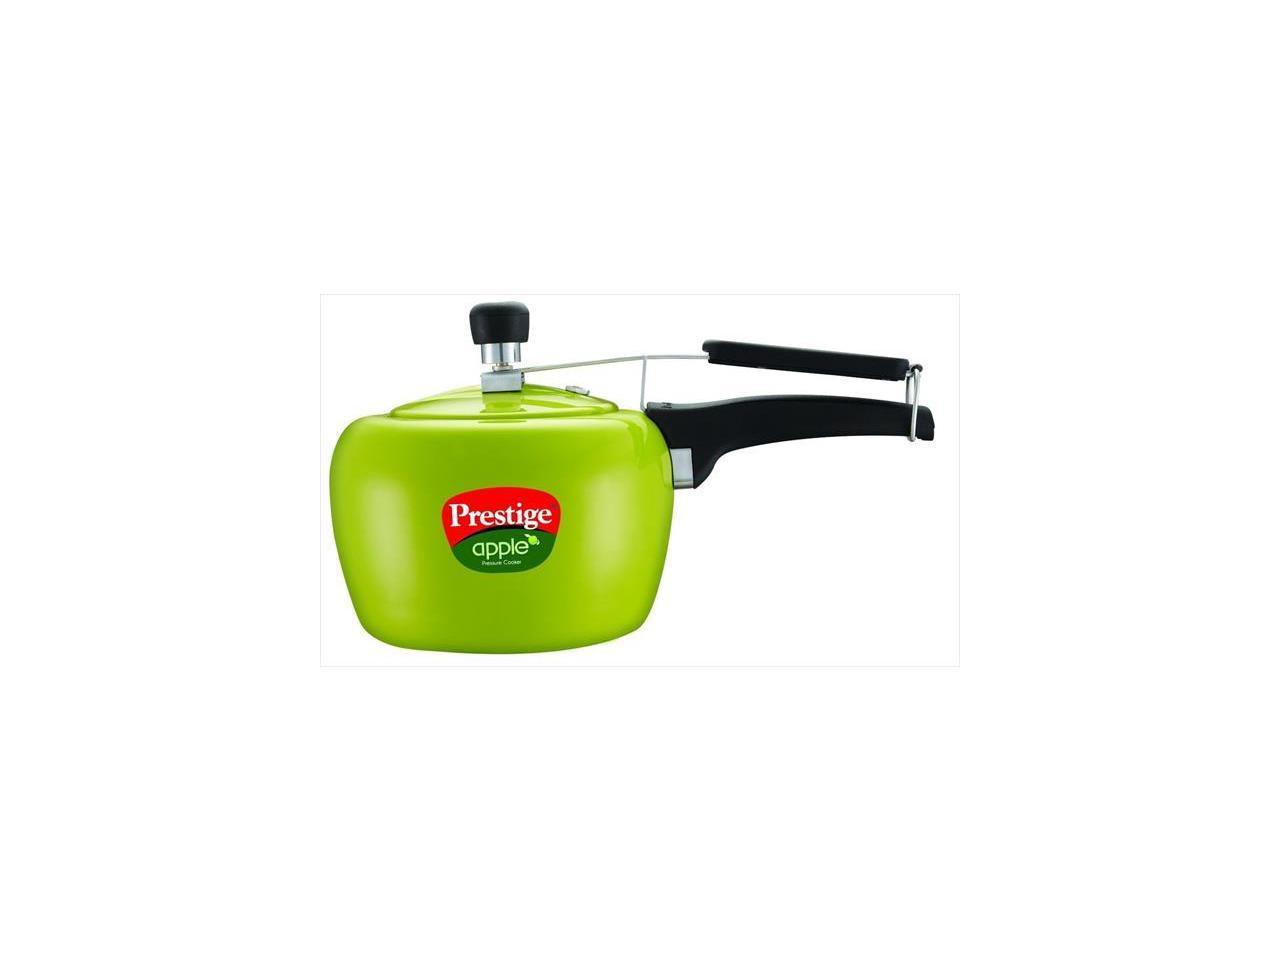 Prestige Pra3g Apple Aluminum Green Color Pressure Cooker 3 Litres Newegg Com